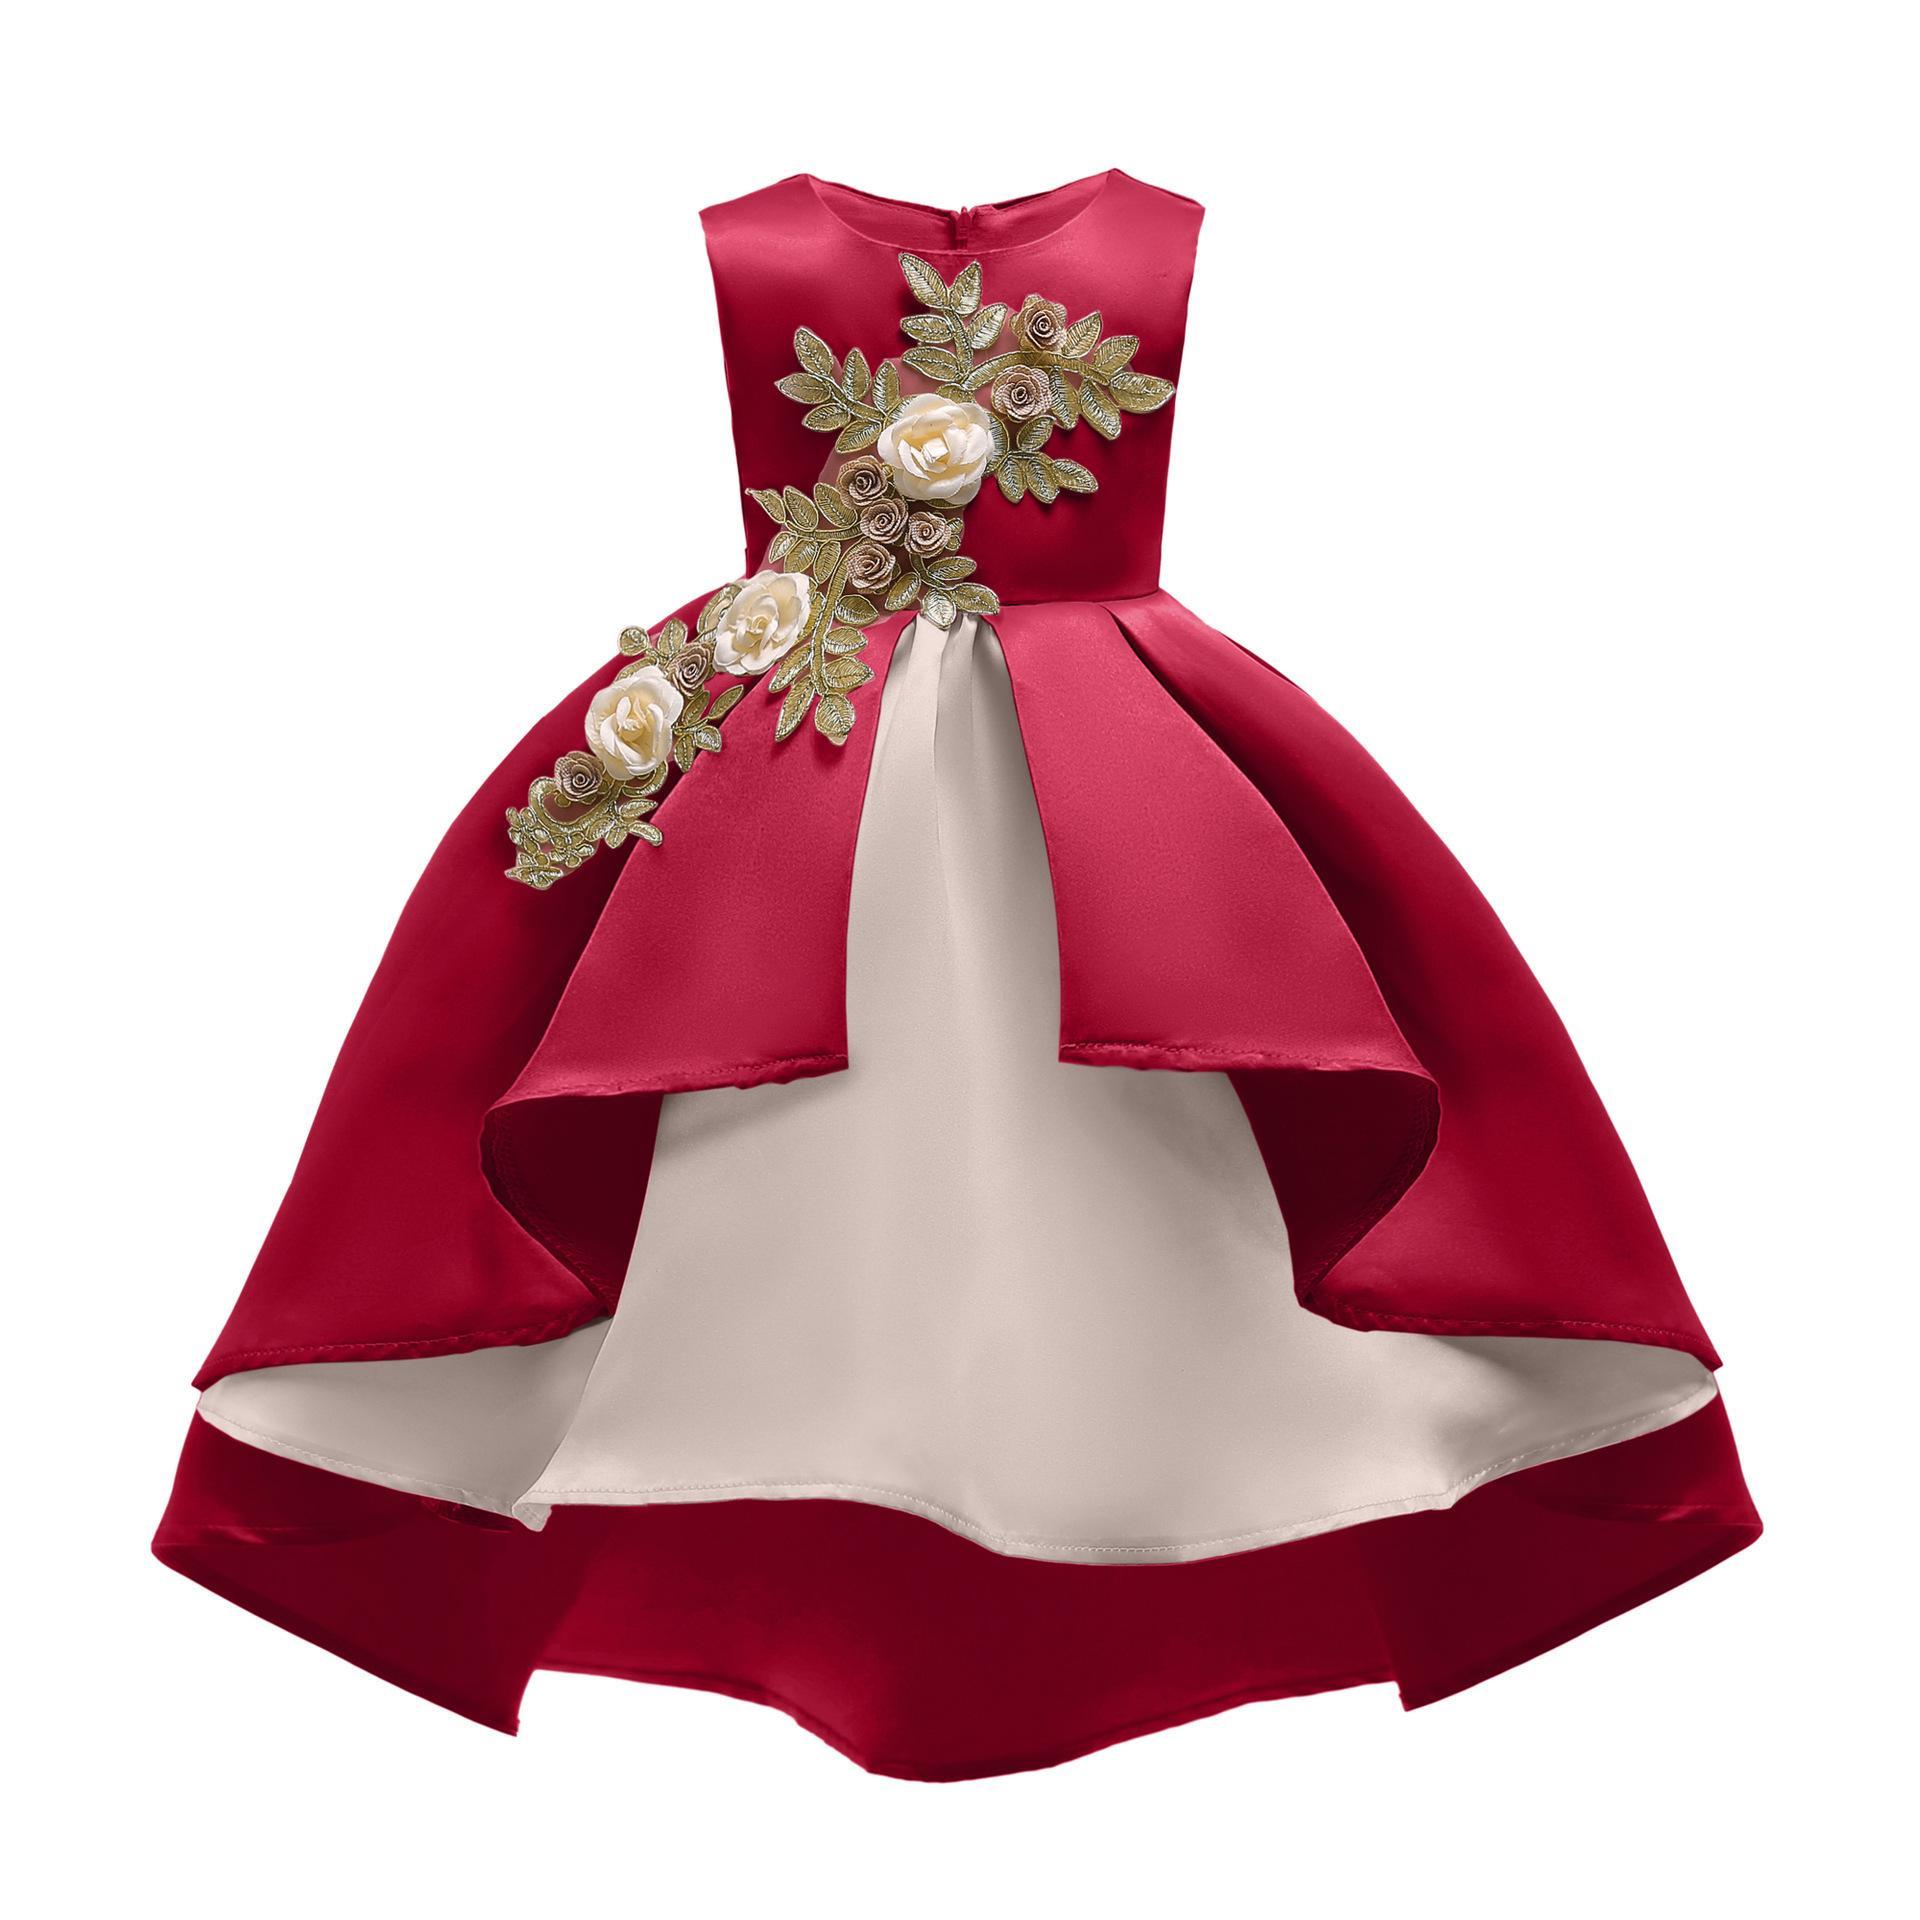 b068e61e16f05 Acheter 2019 Nouvel An Enfants Robe De Soirée Bébé Fille Premier  Anniversaire Fête Robe Habillée Pour Enfants Princesse Belle Floral  Vêtements De  41.85 Du ...